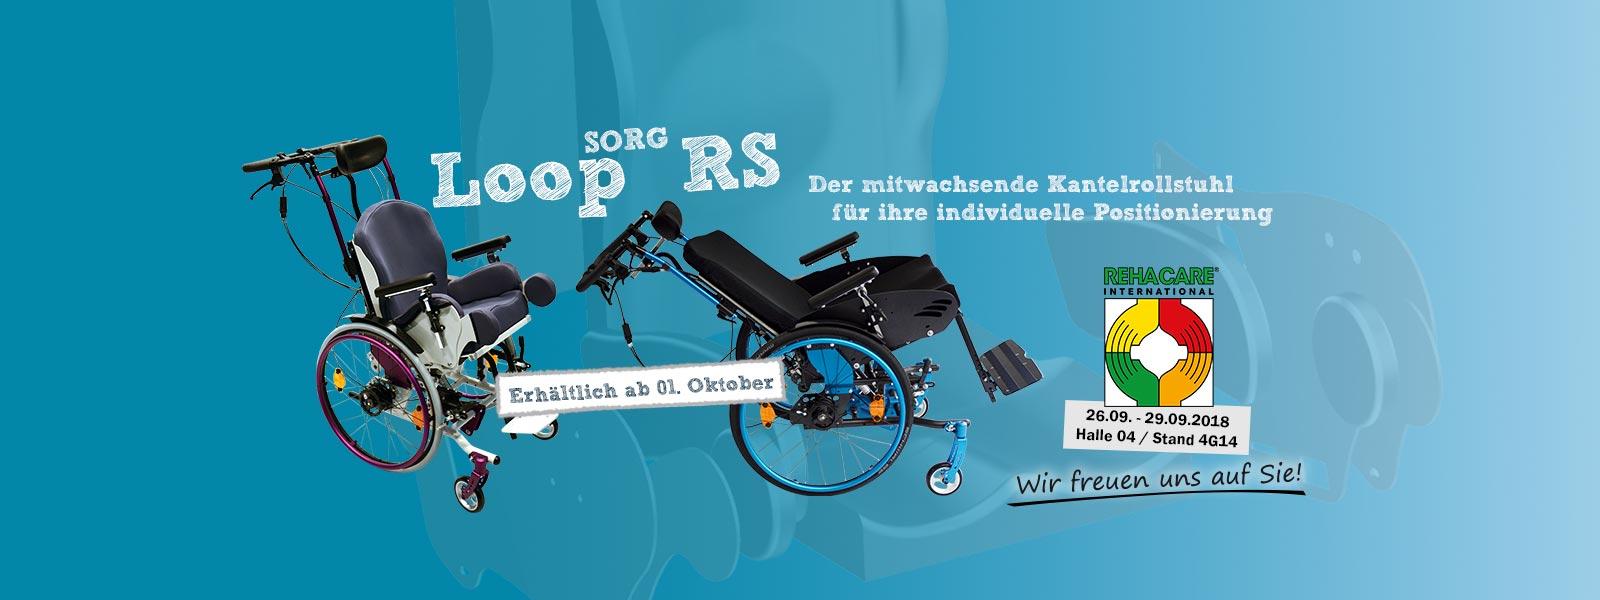 Loop RS, der mitwachsende Kantelrollstuhl für die individuelle Körperführung